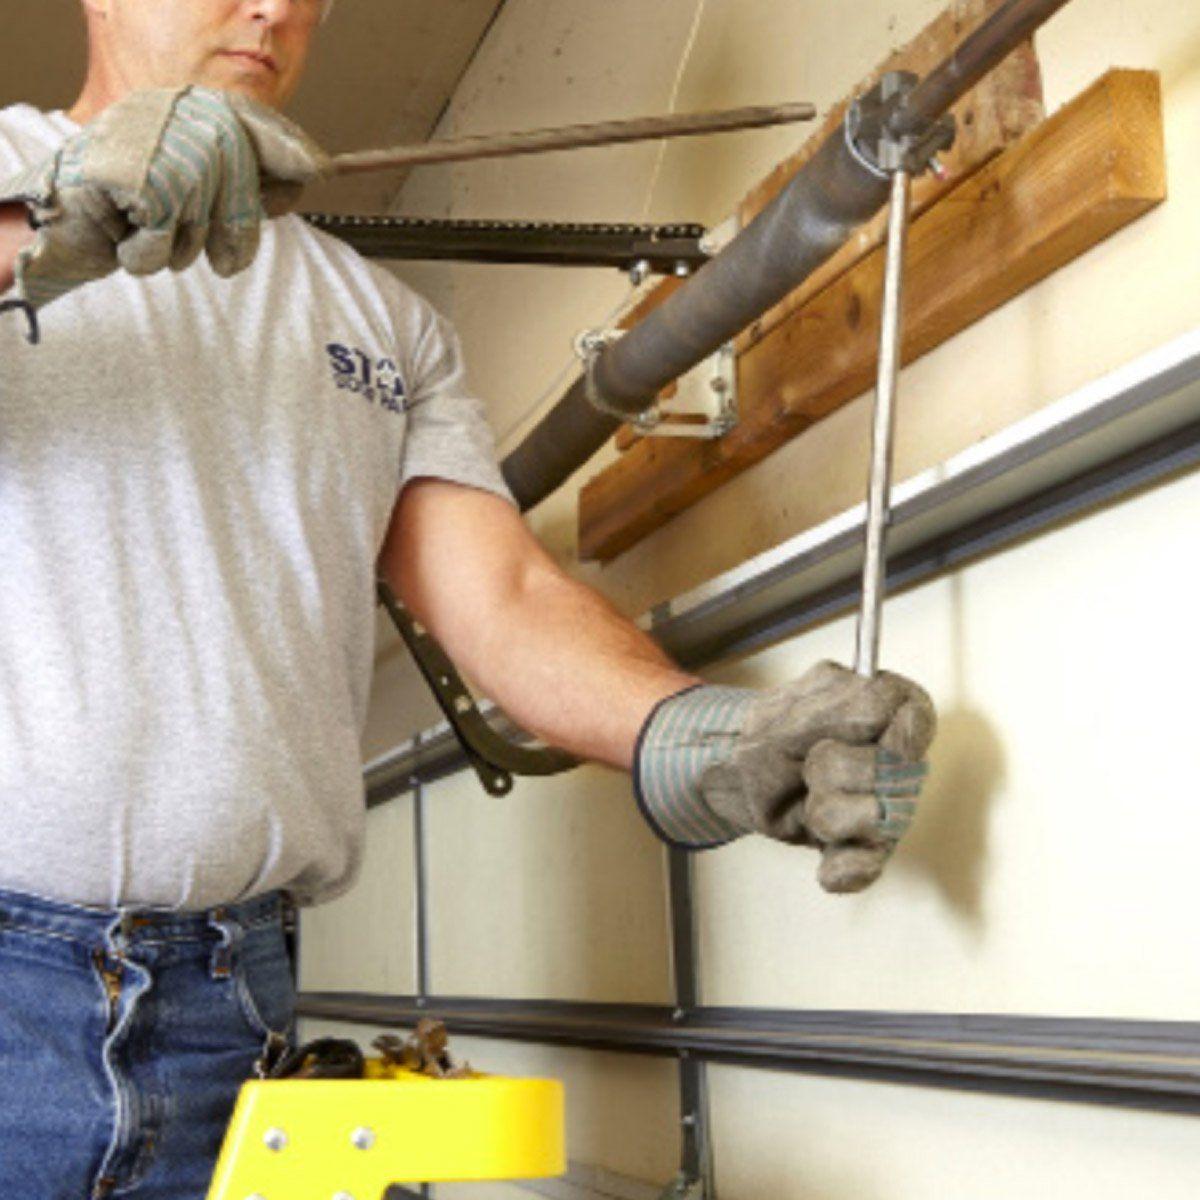 How To Repair Garage Door Springs And Cables Garage Door Springs Overhead Garage Door Garage Door Repair